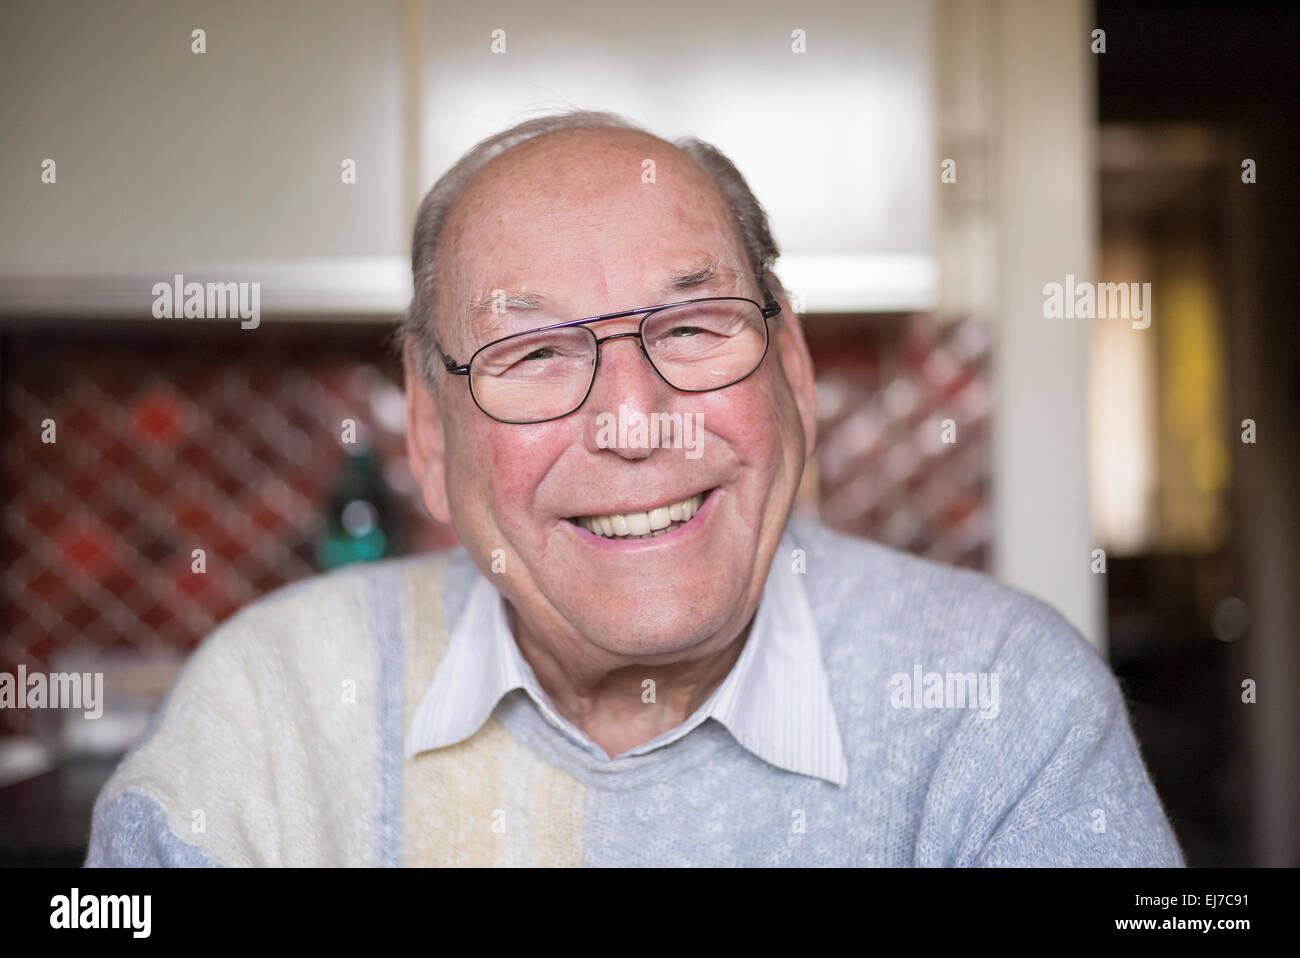 anni 80 sorridente uomo anziano ritratto, ritratto anziano maschio ridendo Foto Stock